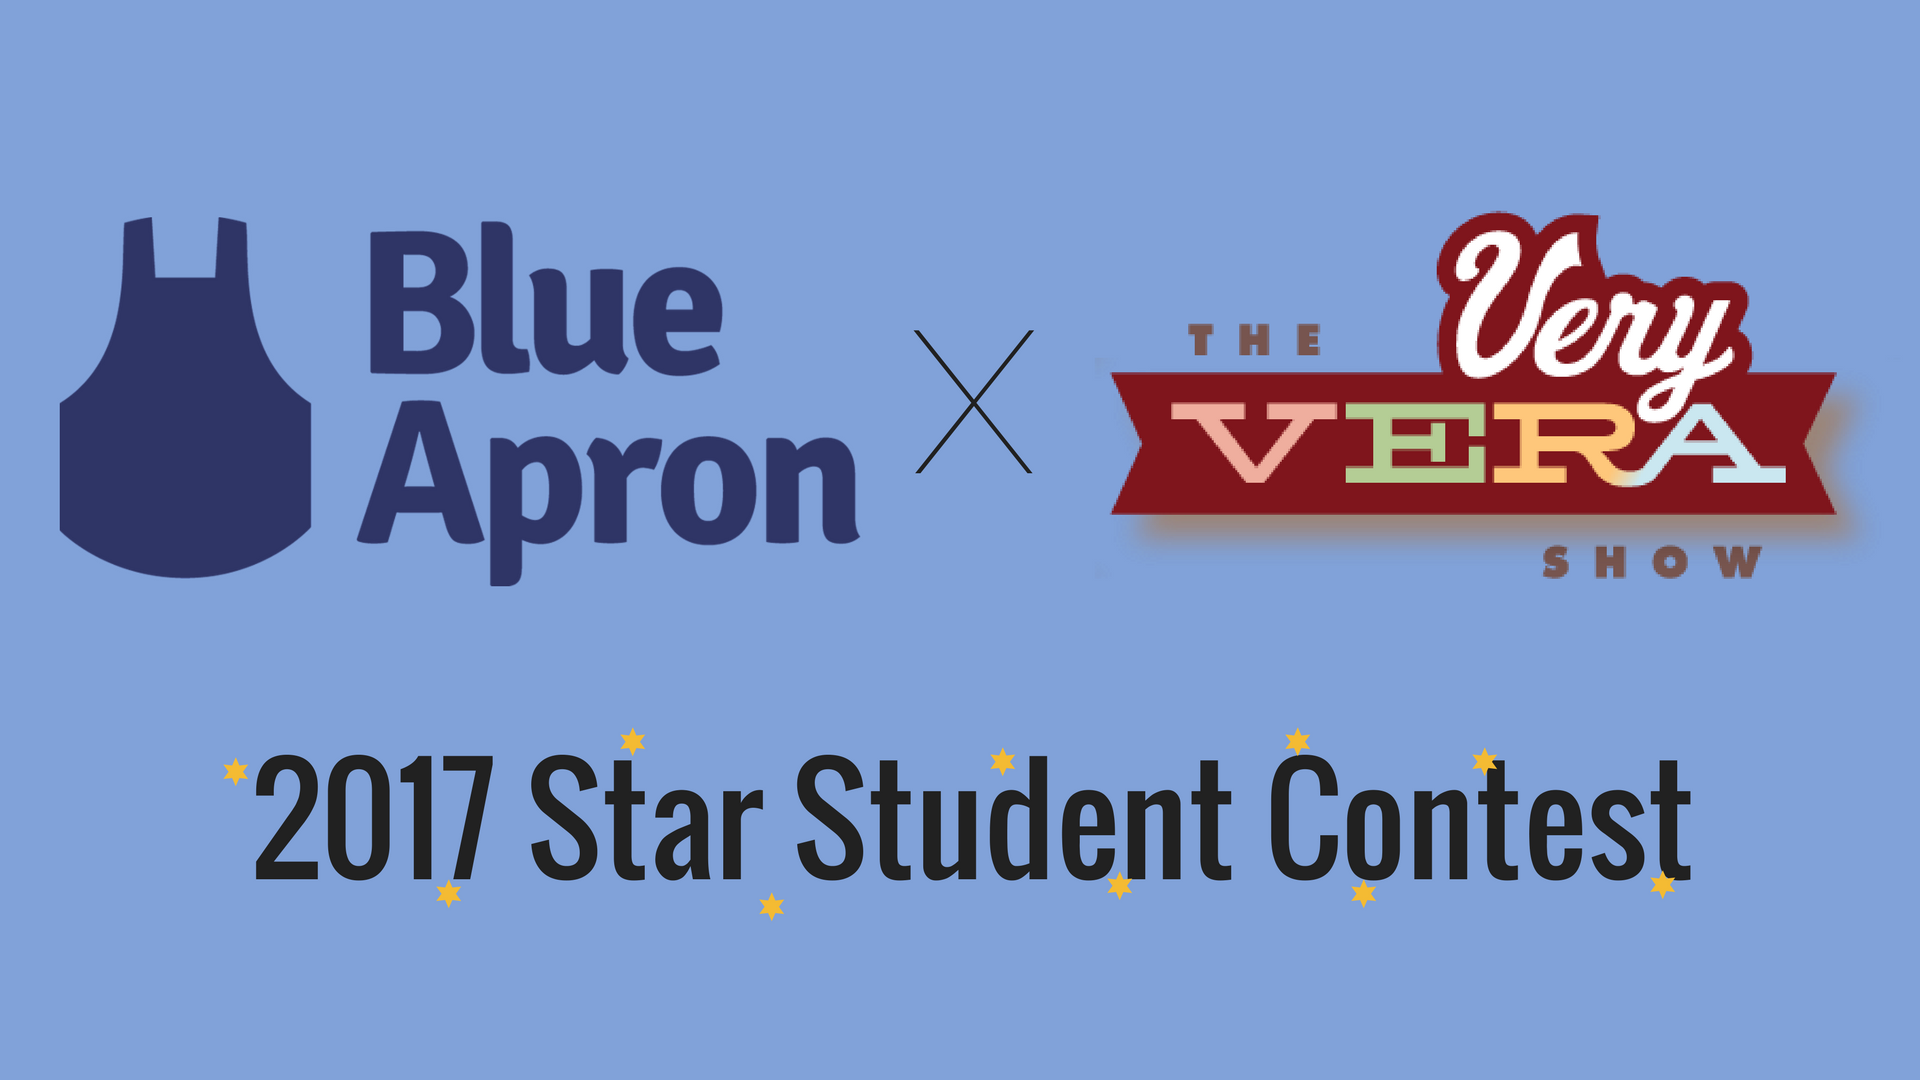 Blue apron video contest - Blue Apron Star Student Contest